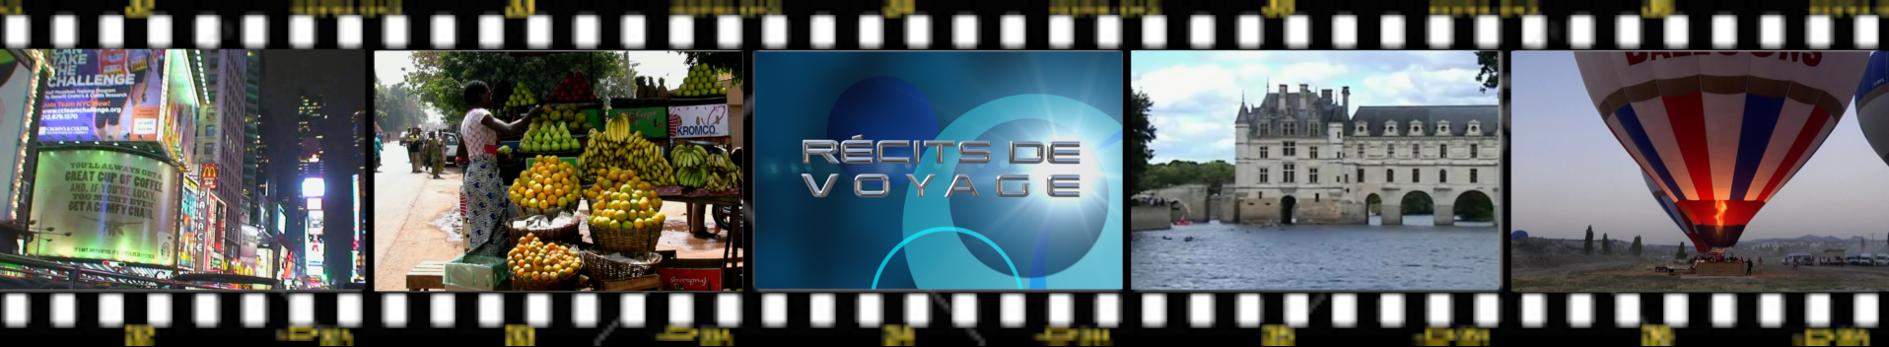 Récits de Voyages